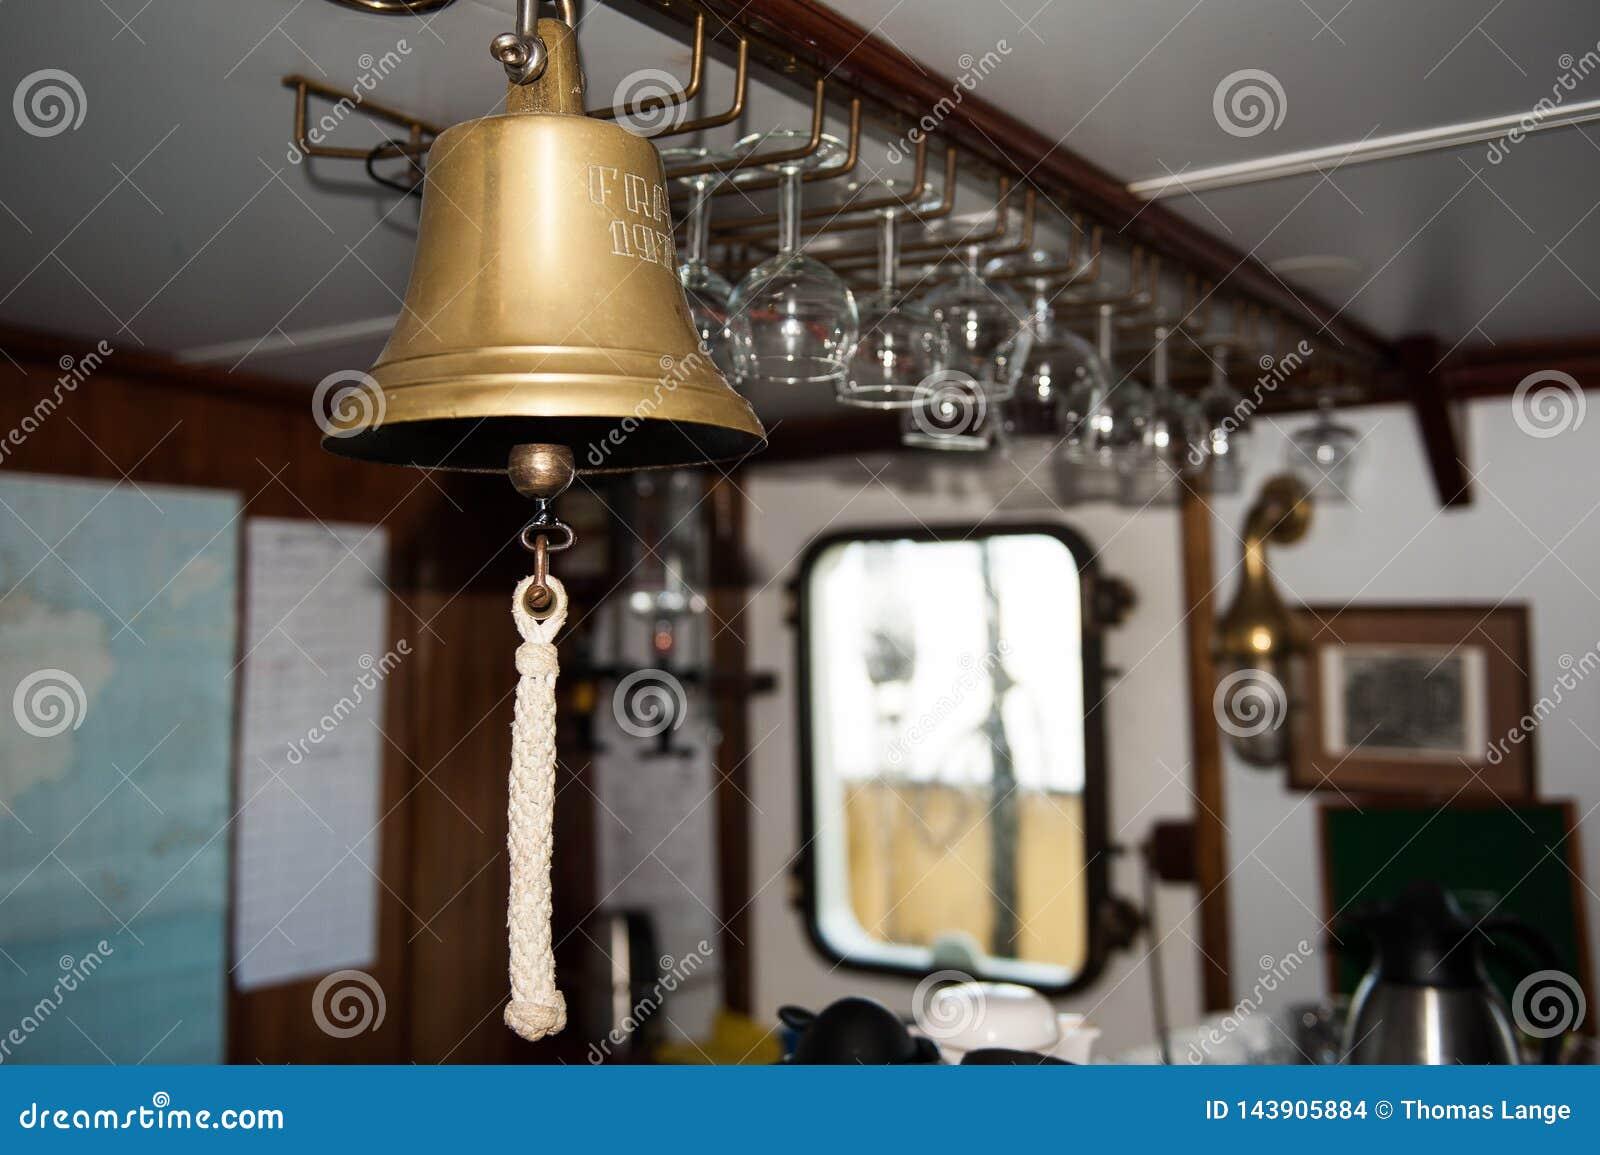 Колокол Ship- используемый для различных звонков, как звонки предупреждений для ед и сигнала тревоги делать если что-нибудь инт